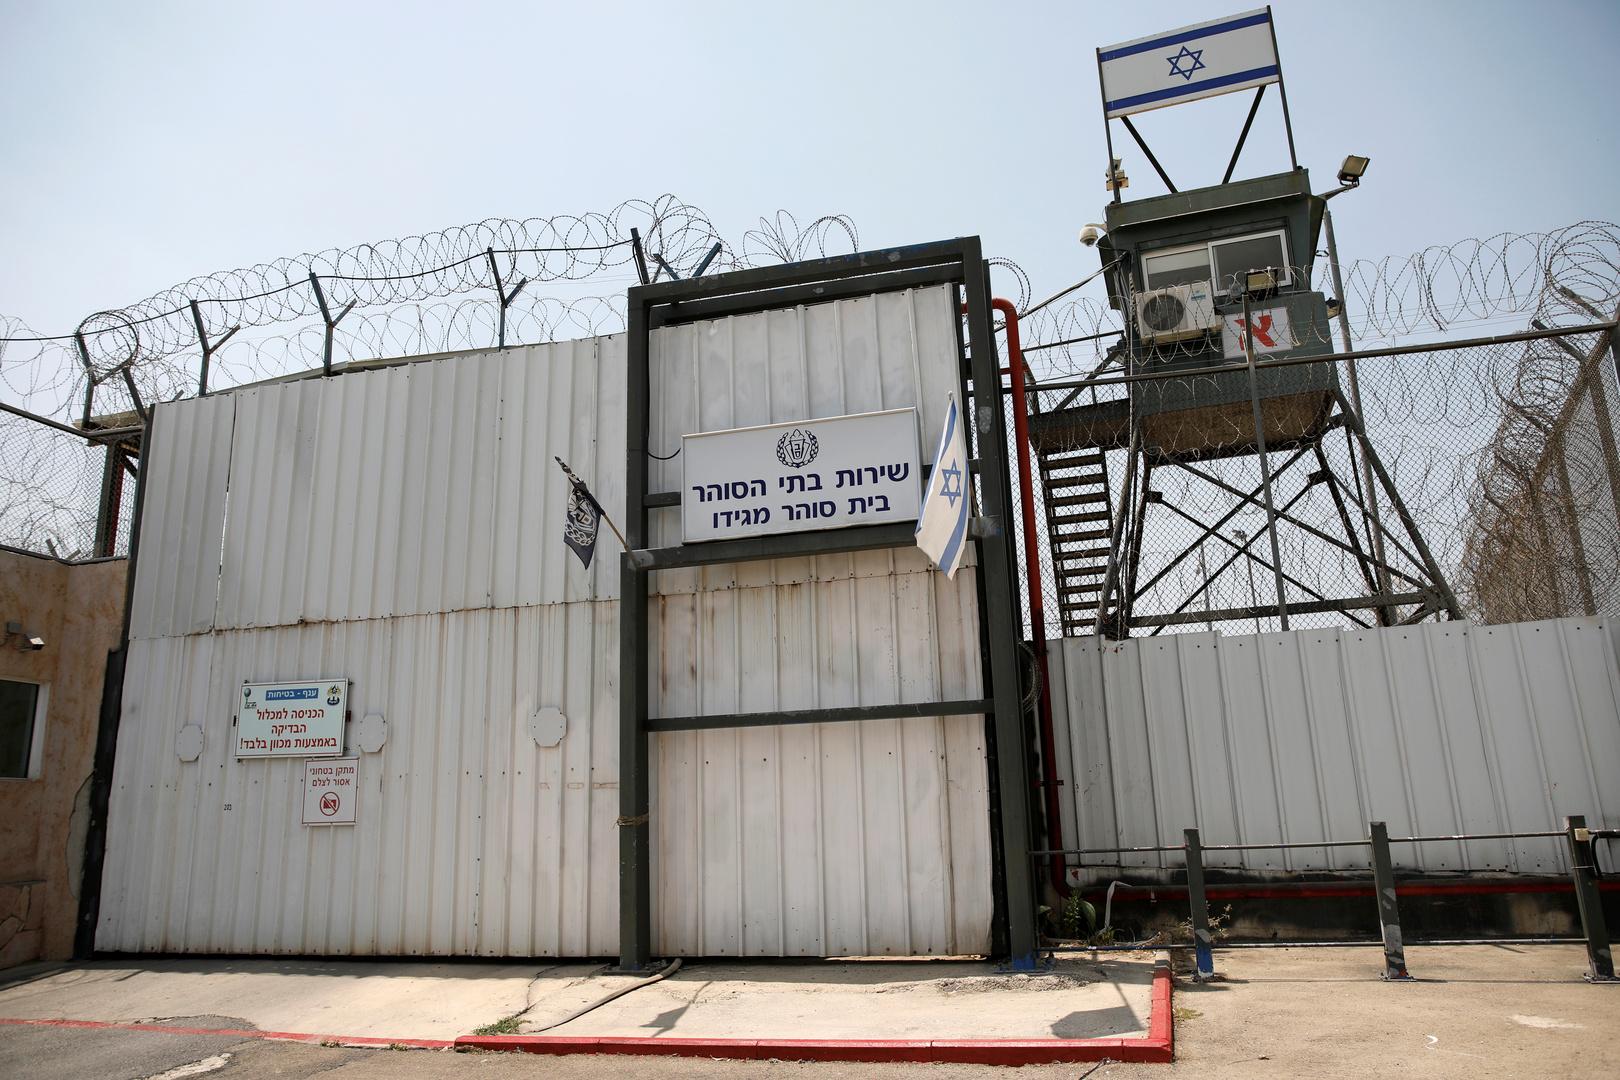 الجيش الإسرائيلي يعترف بوفاة ضابط استخباراتي في سجن عسكري